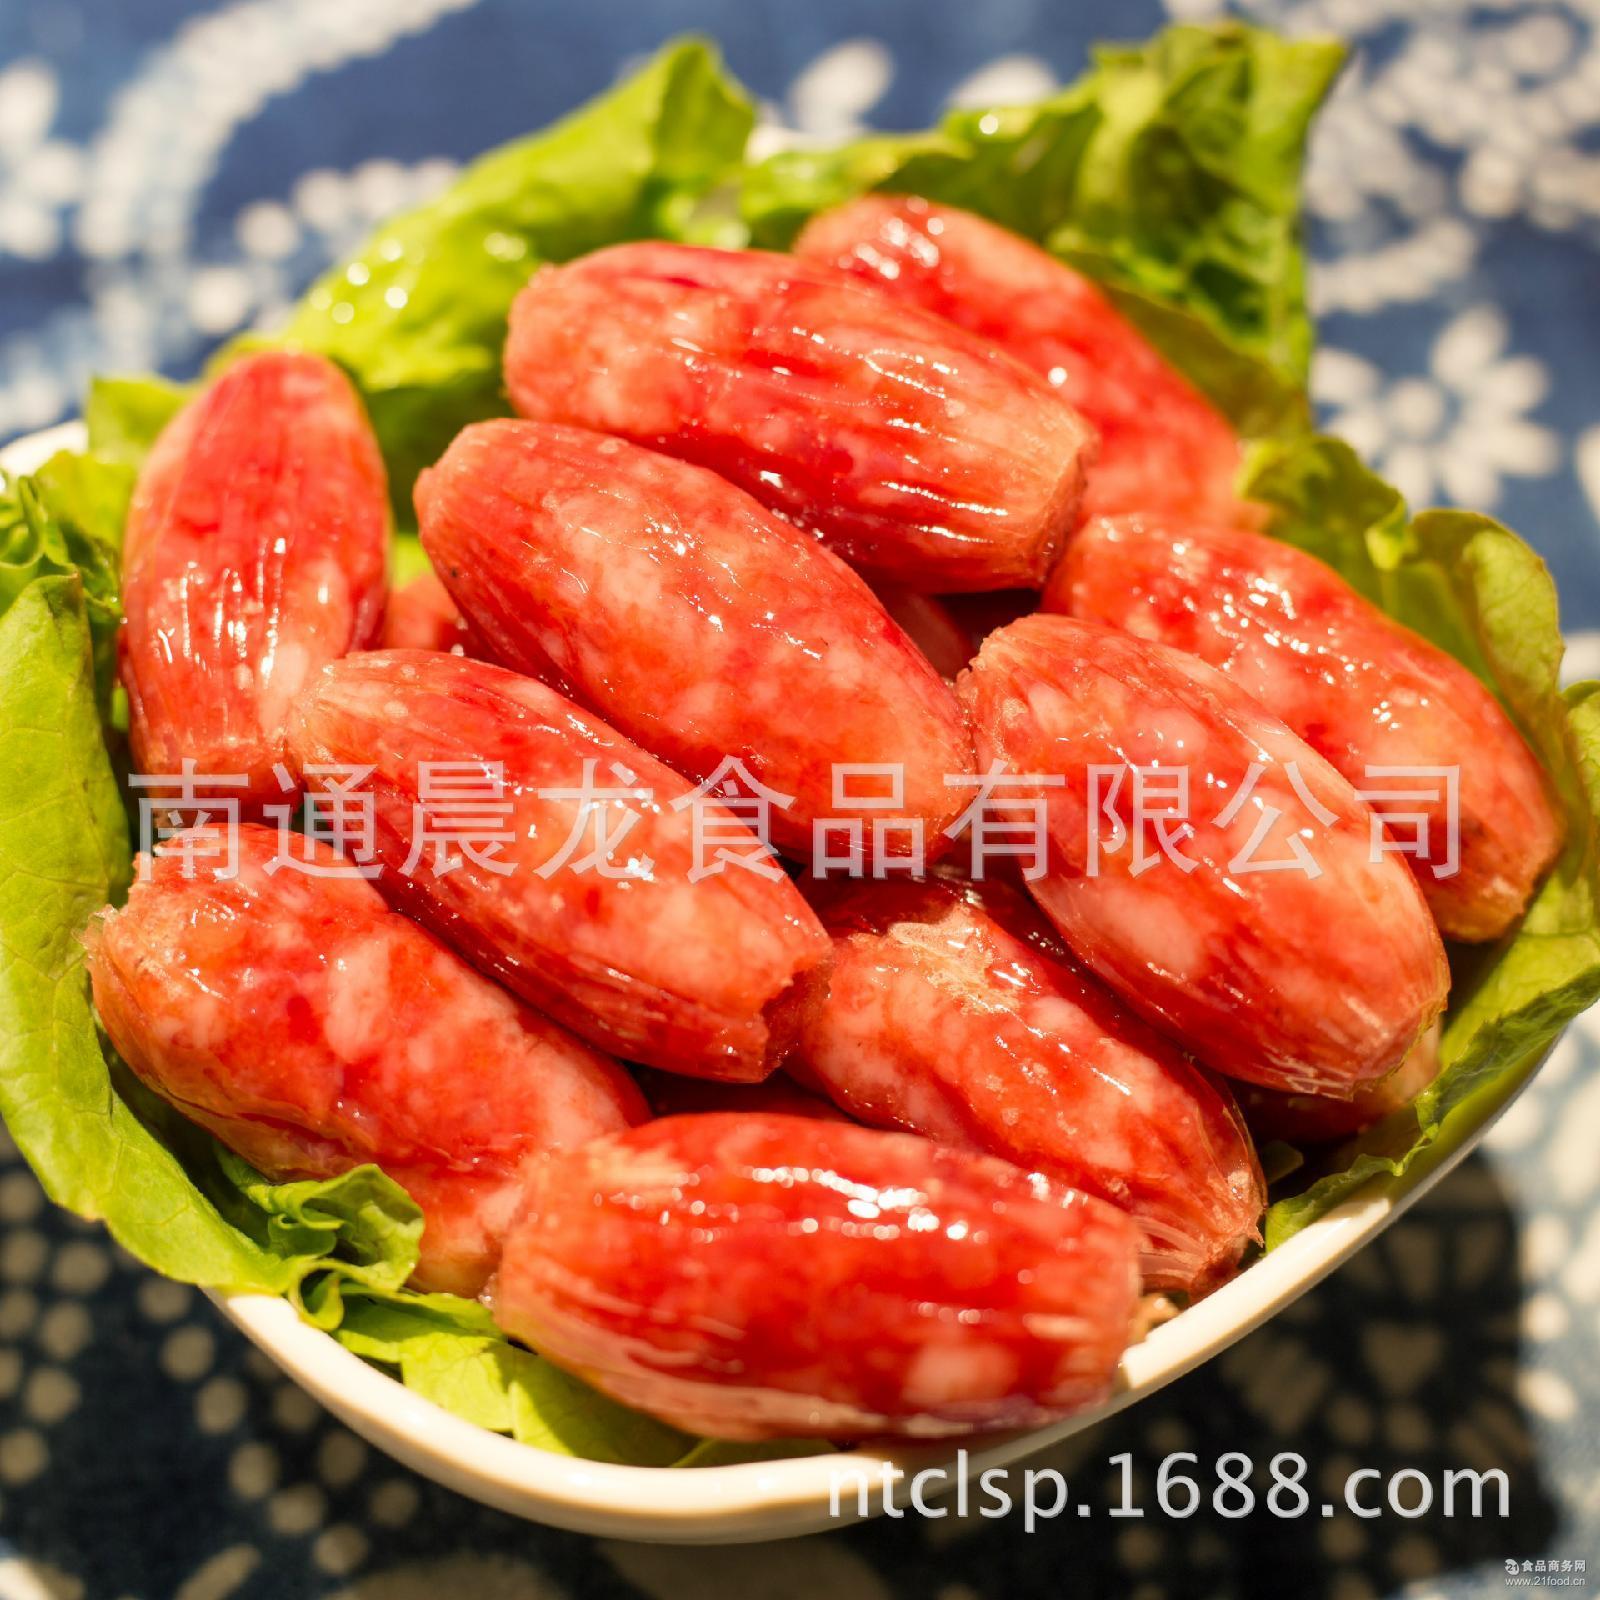 厂家直销批发 南通晨龙如皋特产农家手工制作散装猪肉枣